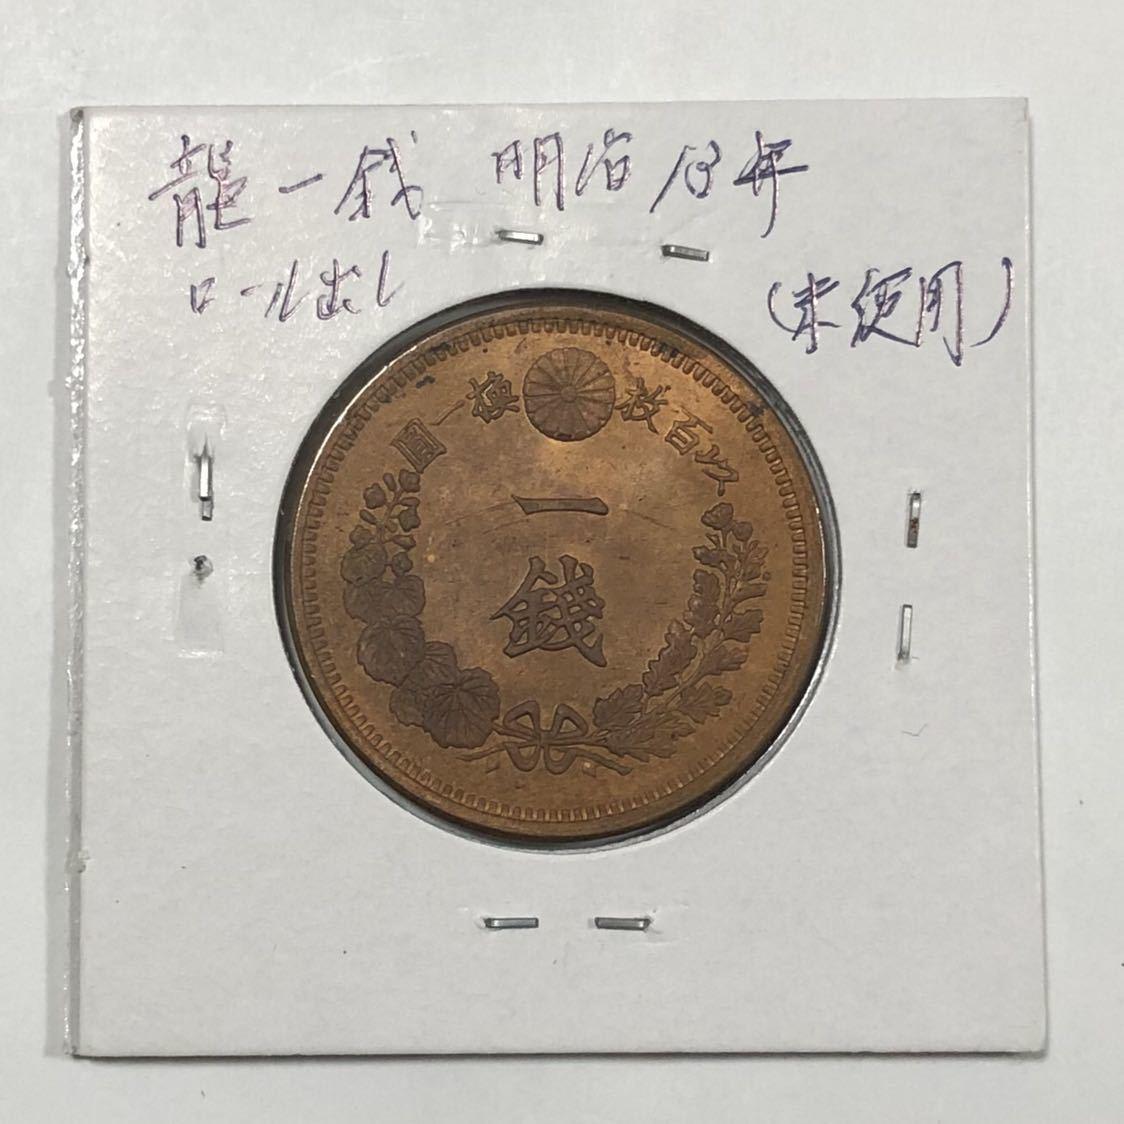 竜 一銭 銅貨 明治13年 ロール出し未使用